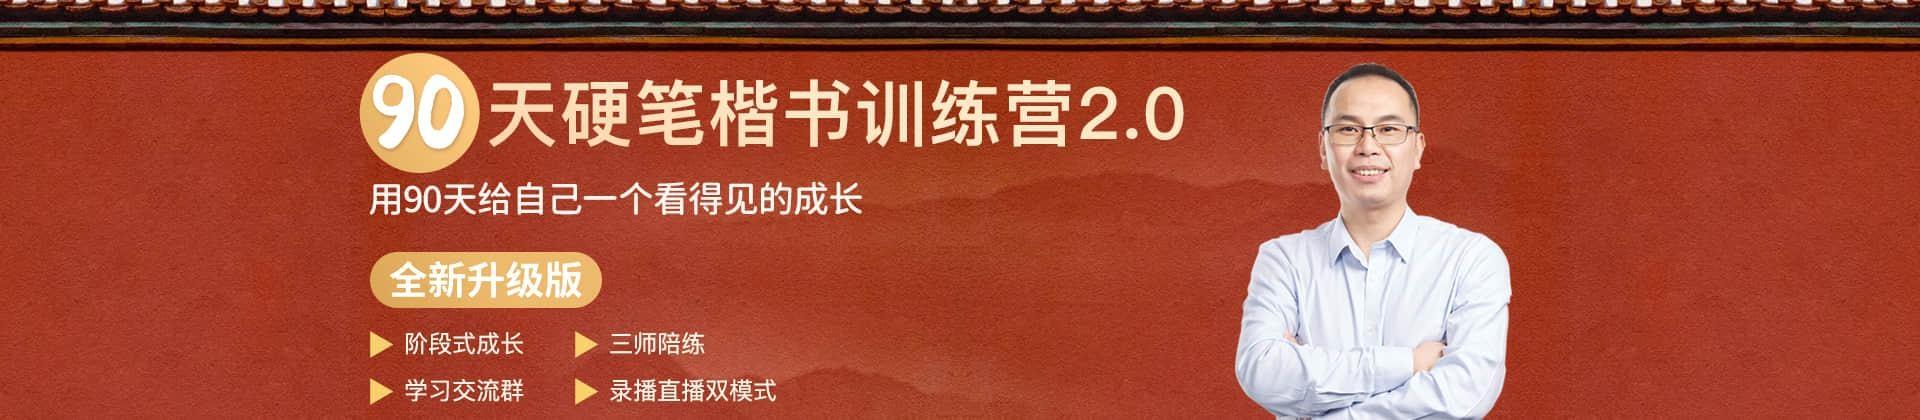 90天硬笔楷书训练营2.0